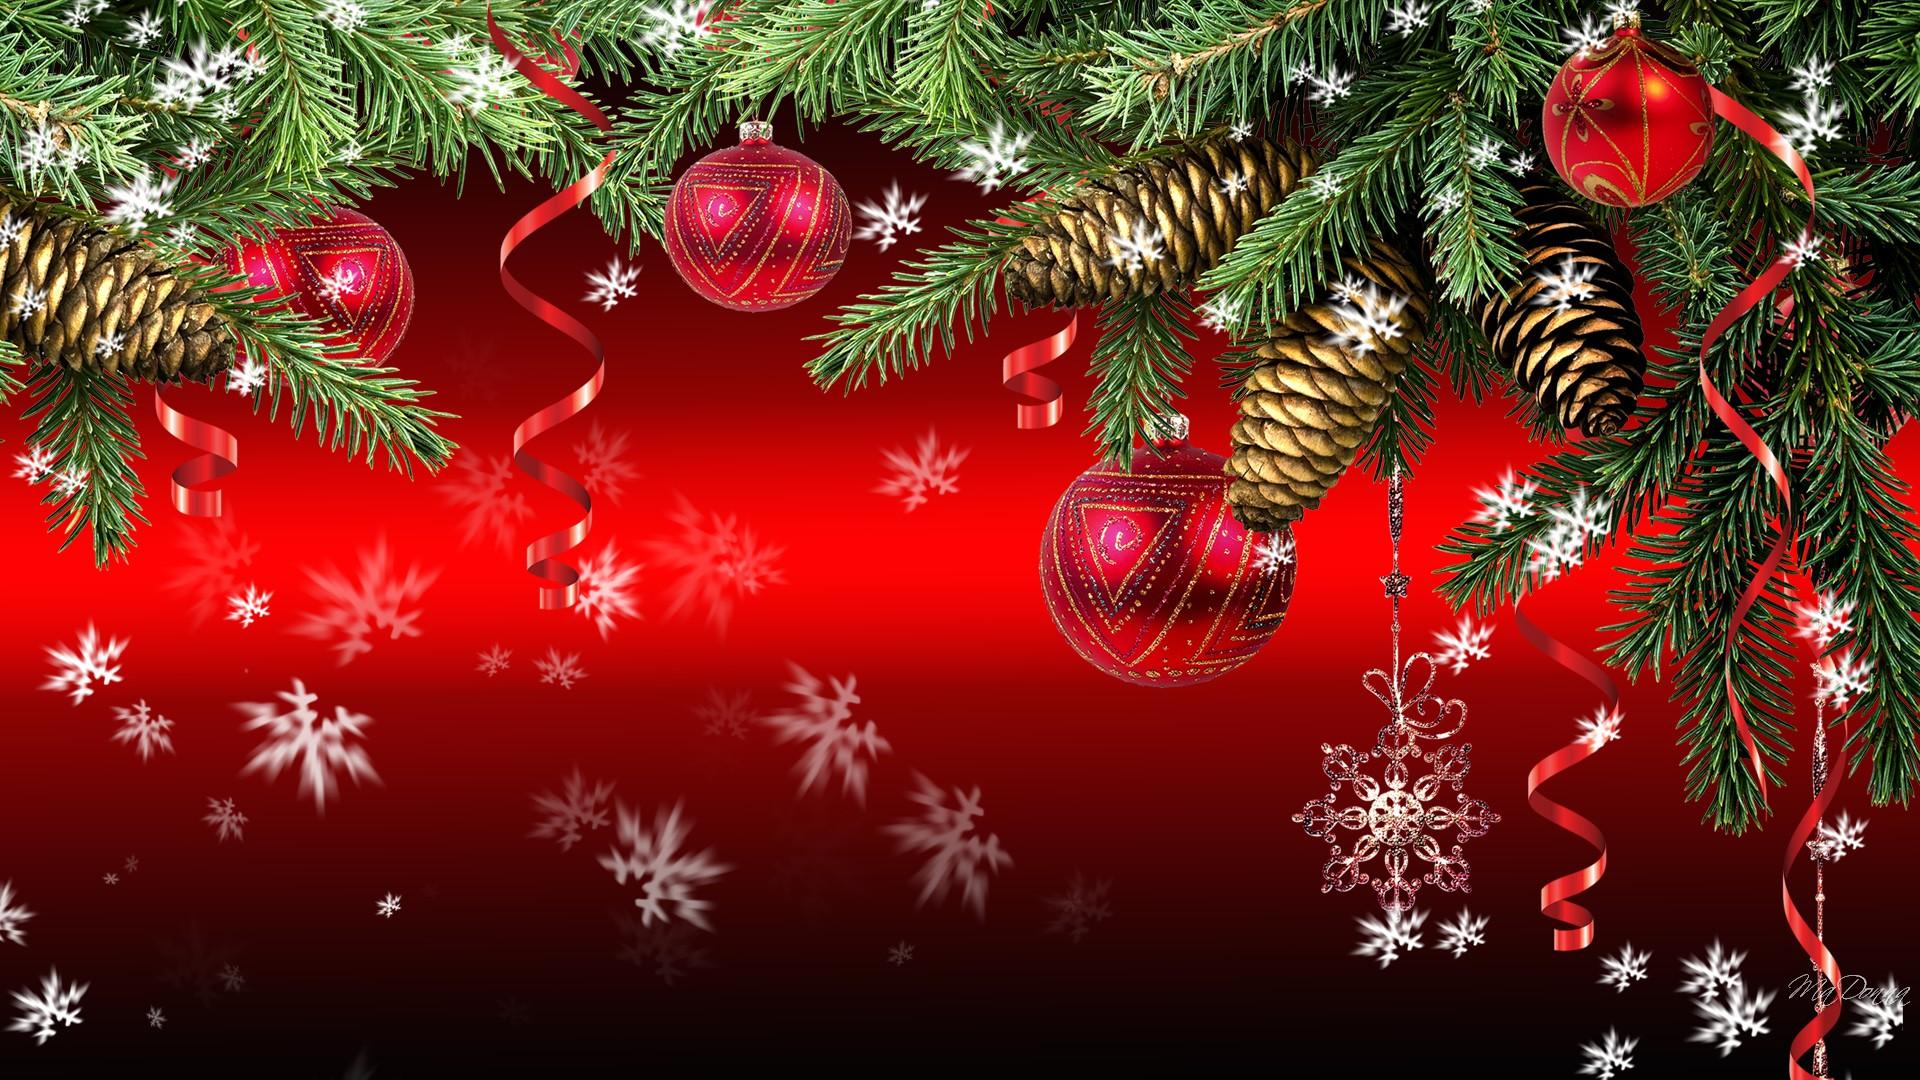 #BE0D0D Fonds D'écran De Noel HD à Télécharger Gratuit 6361 décoration noel commerce 1920x1080 px @ aertt.com